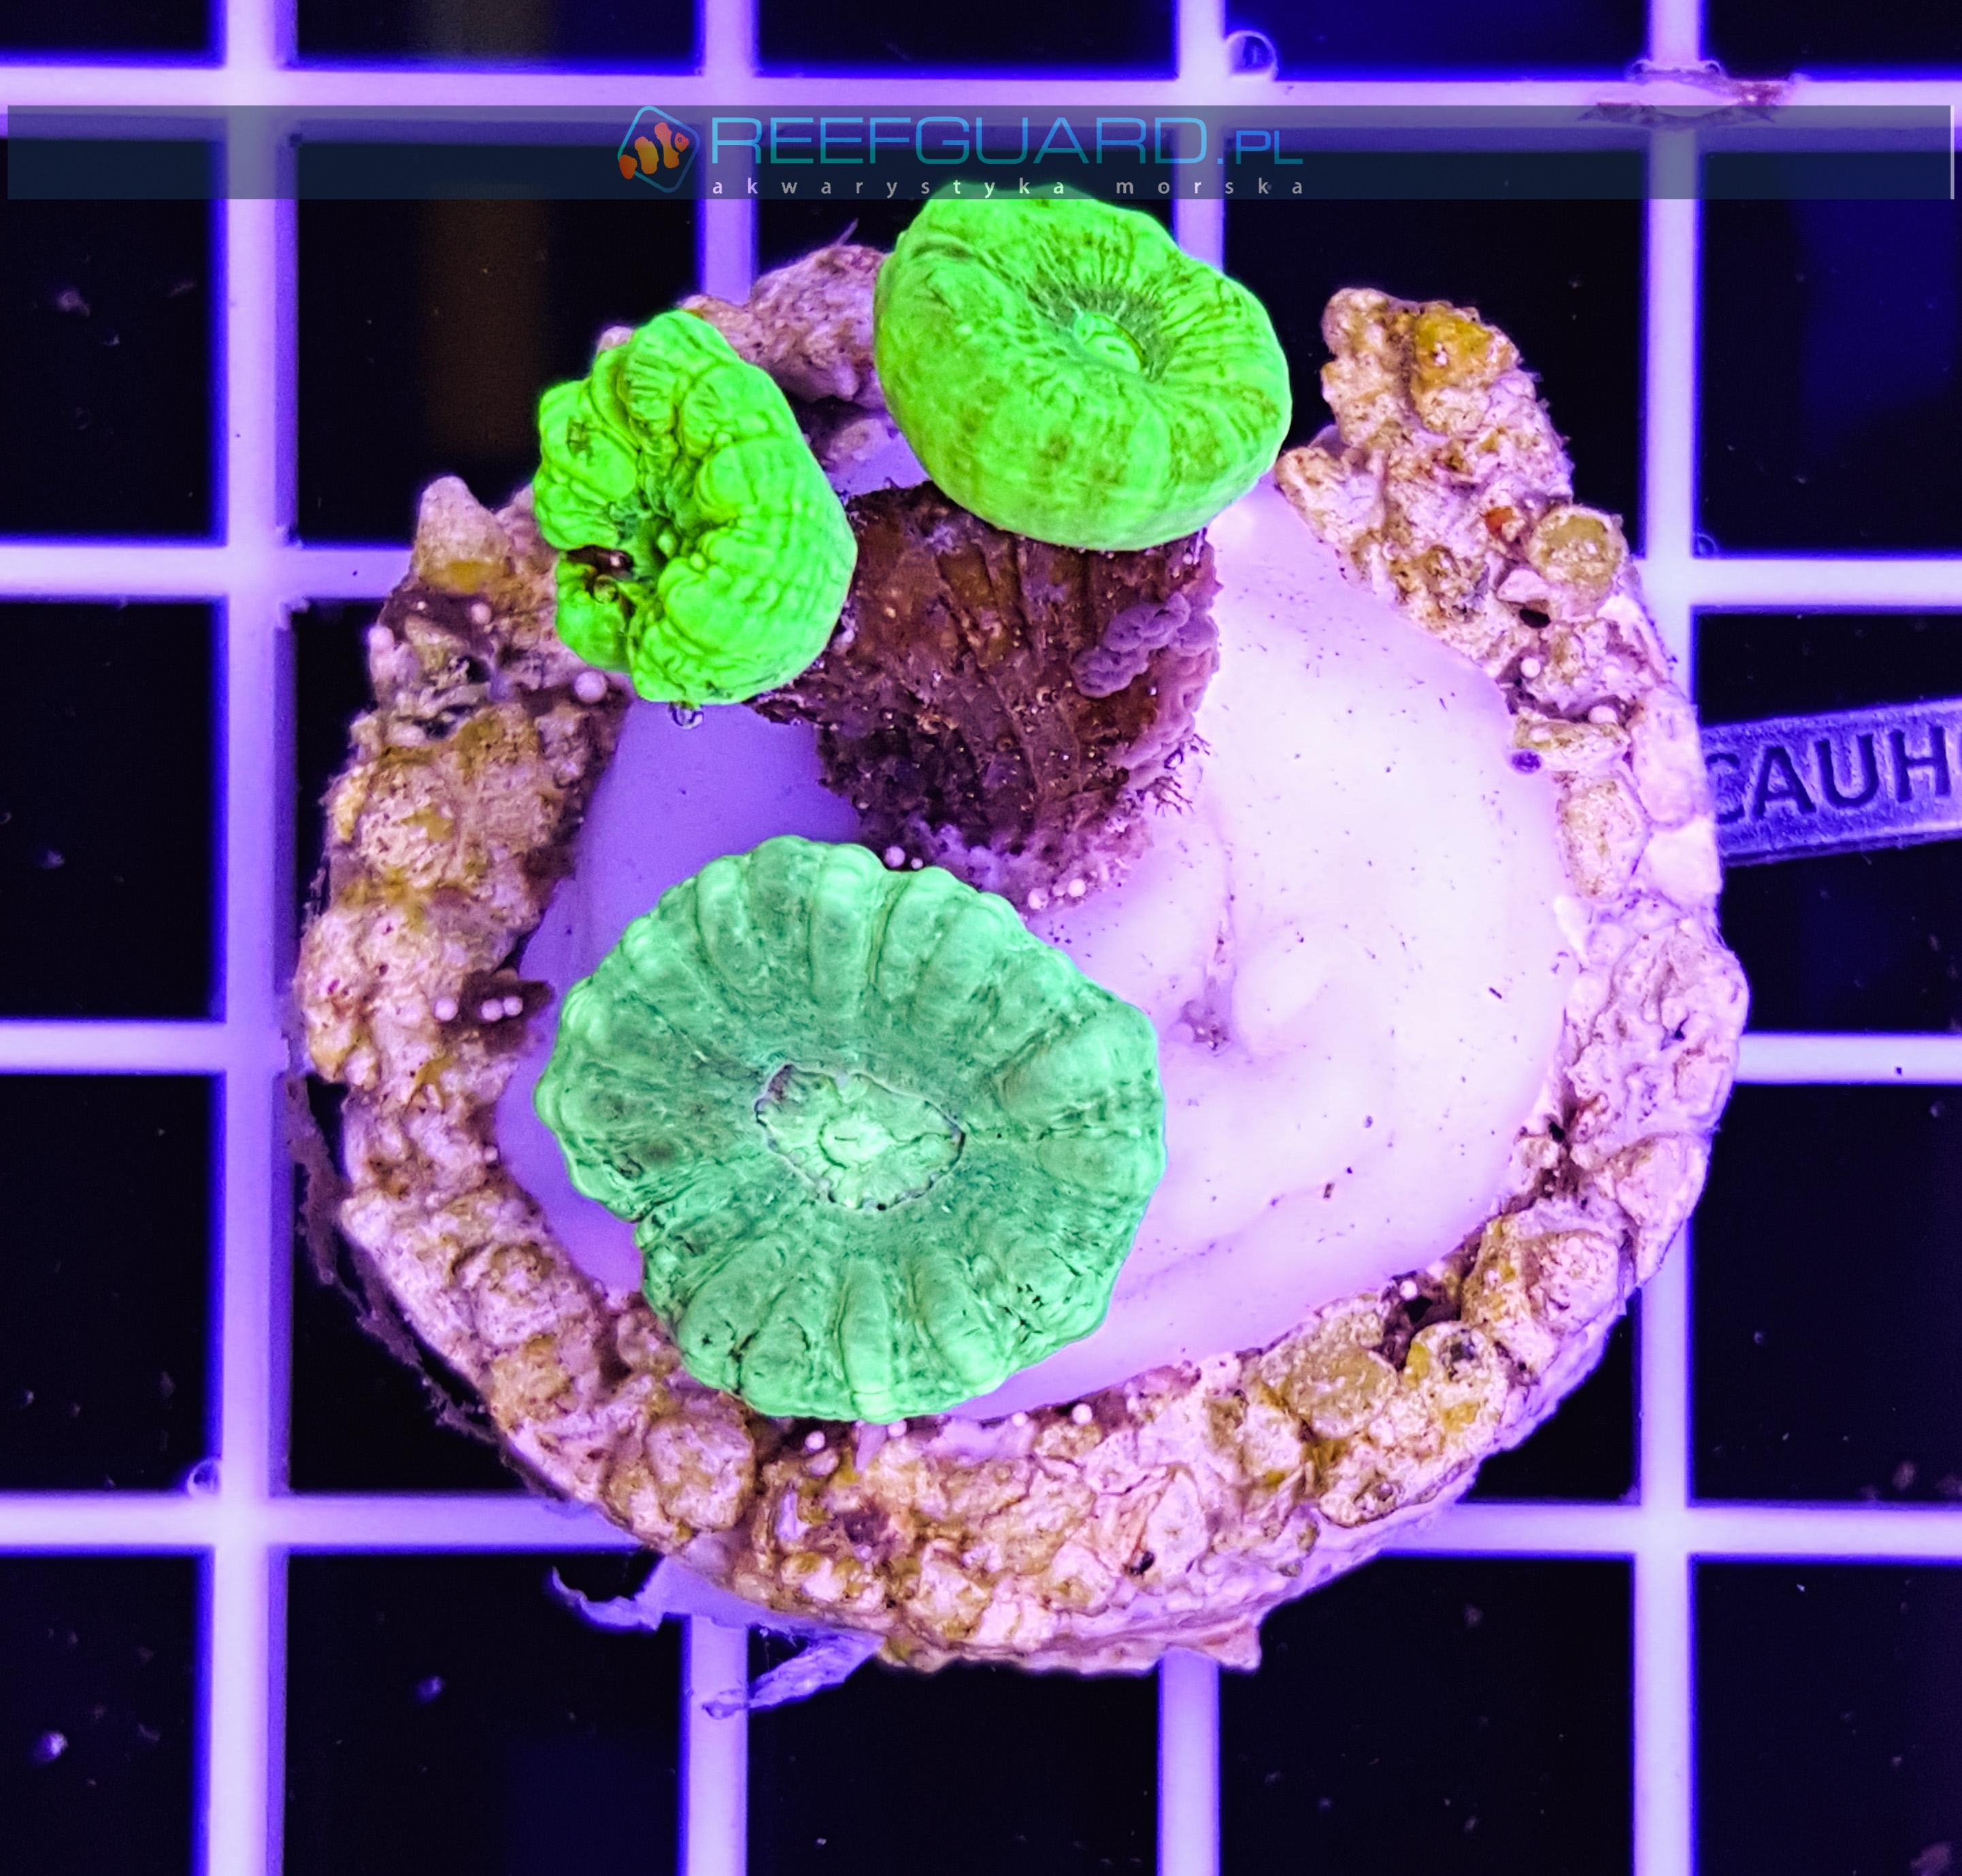 Caulastrea Multi Color CAUH0003 szczecin reefguard